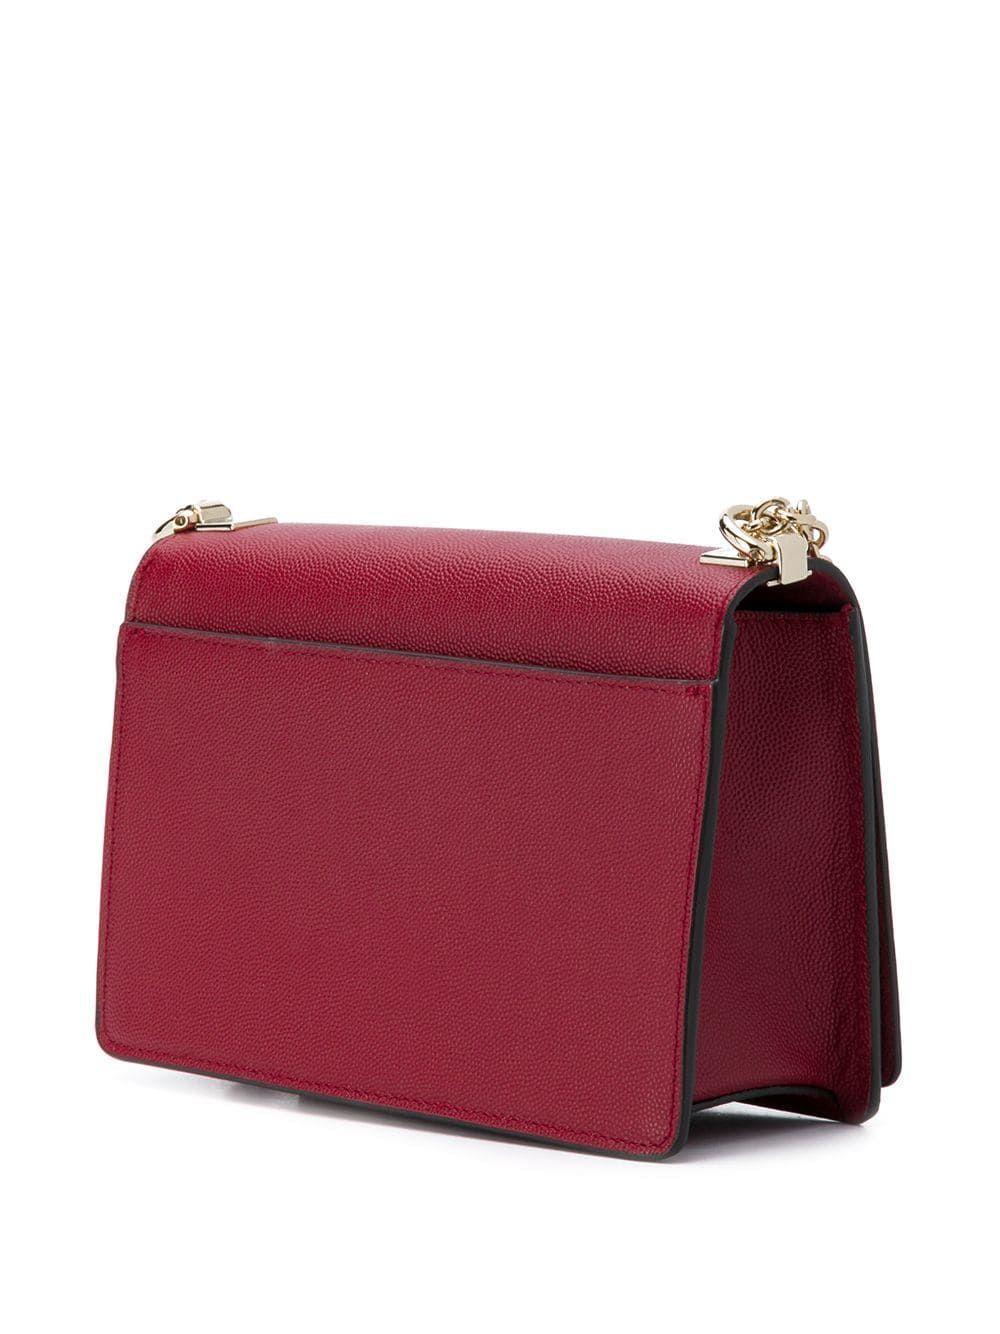 FURLA WOMEN'S 1026447 RED LEATHER SHOULDER BAG